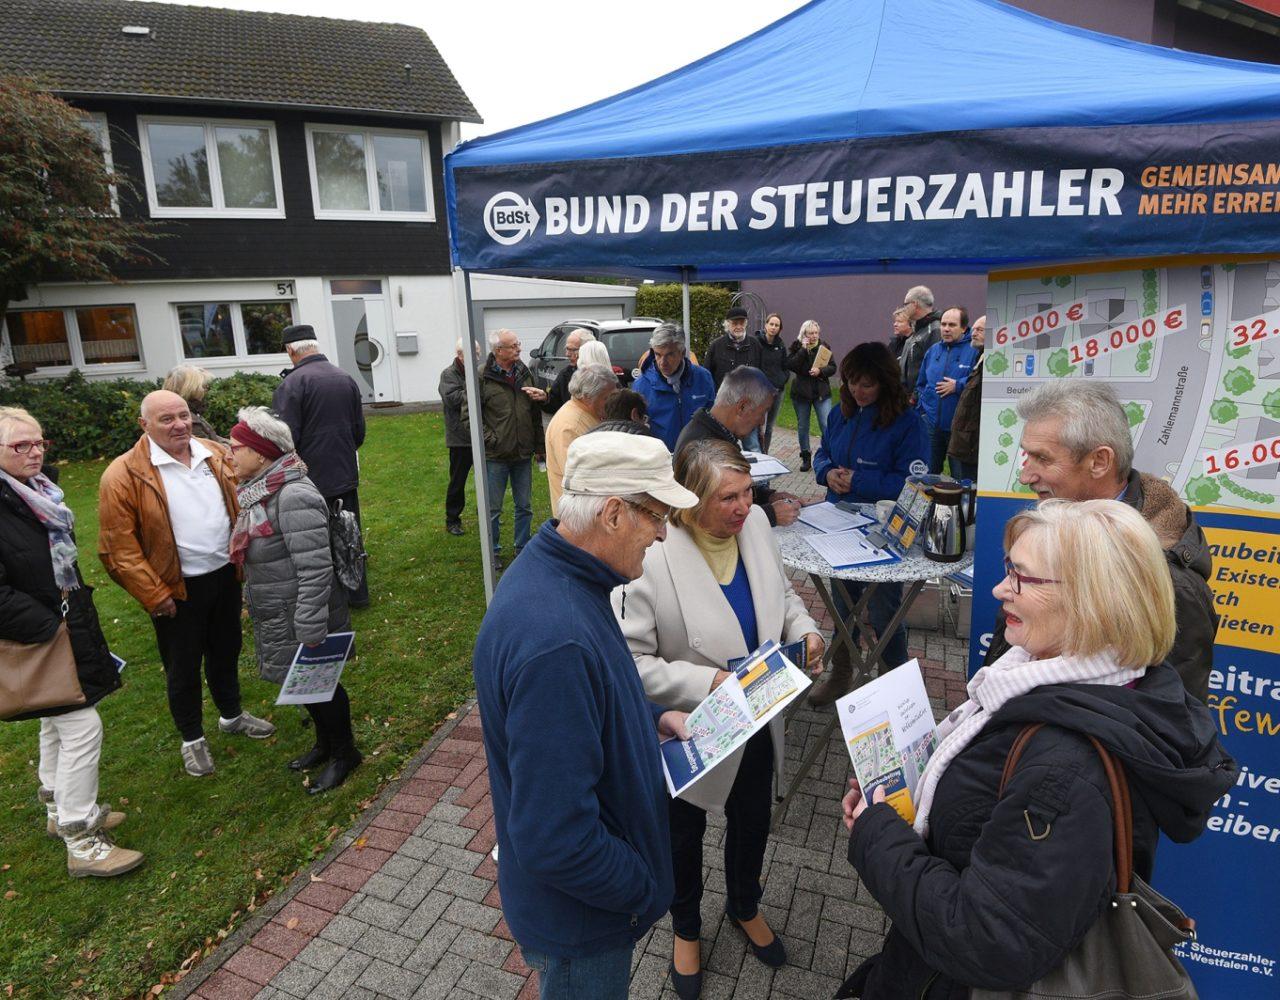 Bund der Steuerzahler NRW mit Volksinitiative für Abschaffung der Straßenbaubeiträge